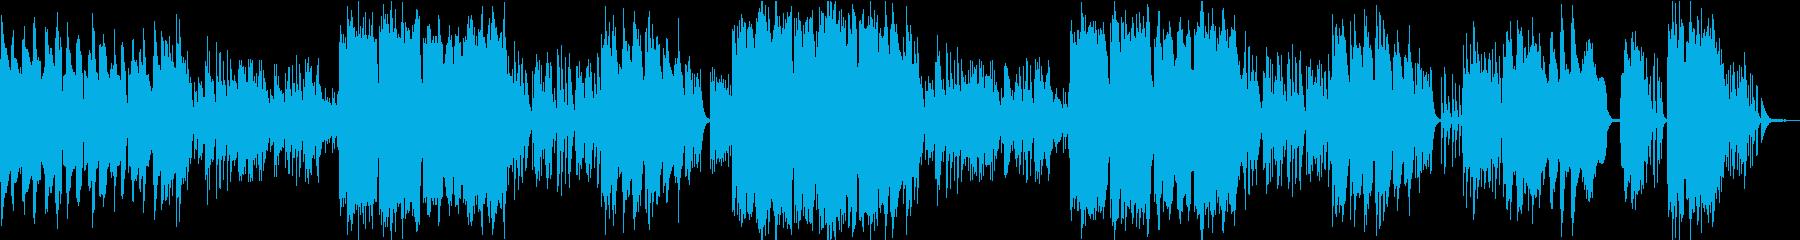 ケルトの笛とハープのやわらかな曲6の再生済みの波形